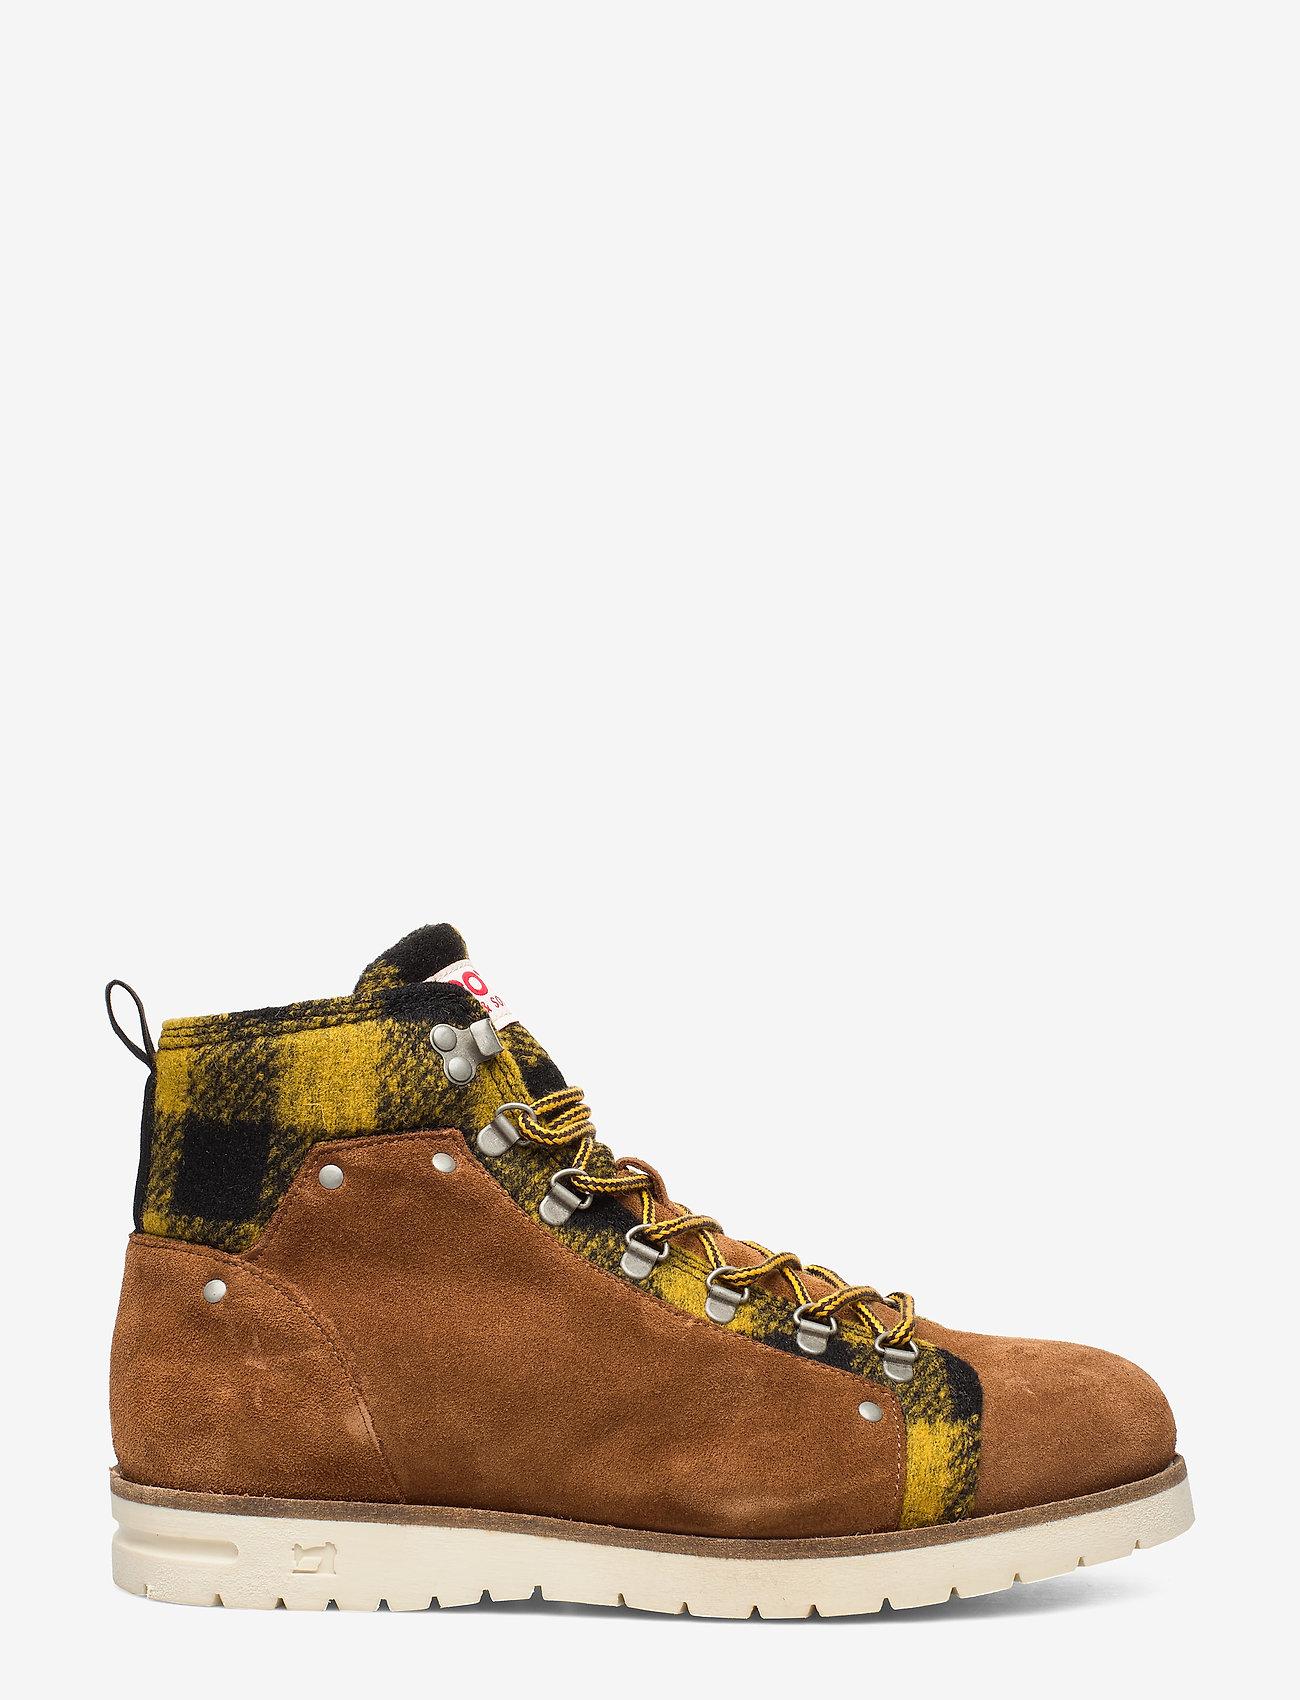 Scotch & Soda Shoes - Borrel Mid laceboot - bottes lacées - cognac+blk/camel - 1